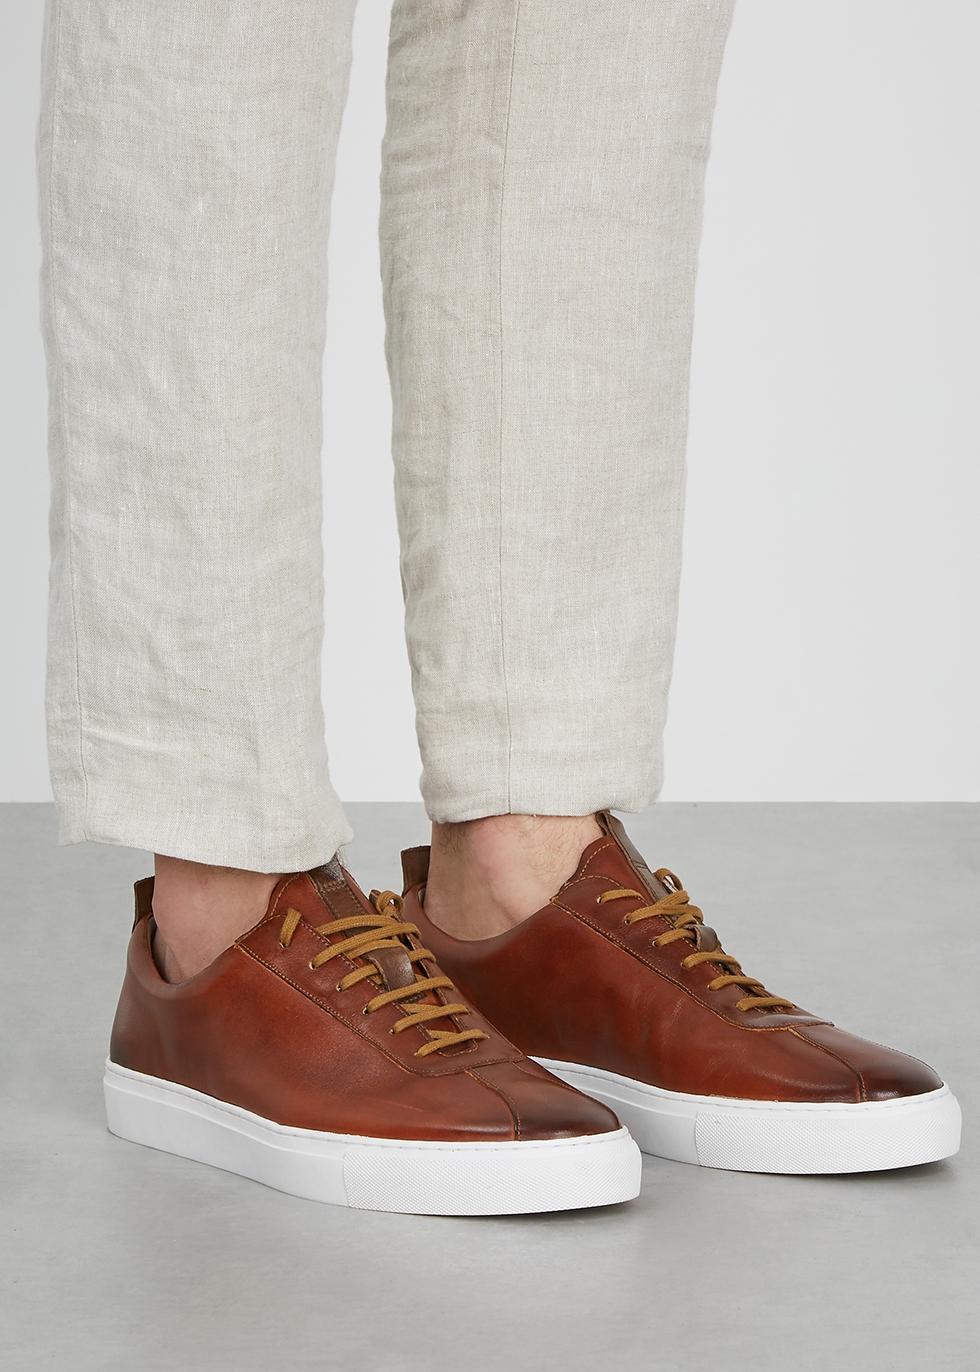 brown leather sneakers - Harvey Nichols